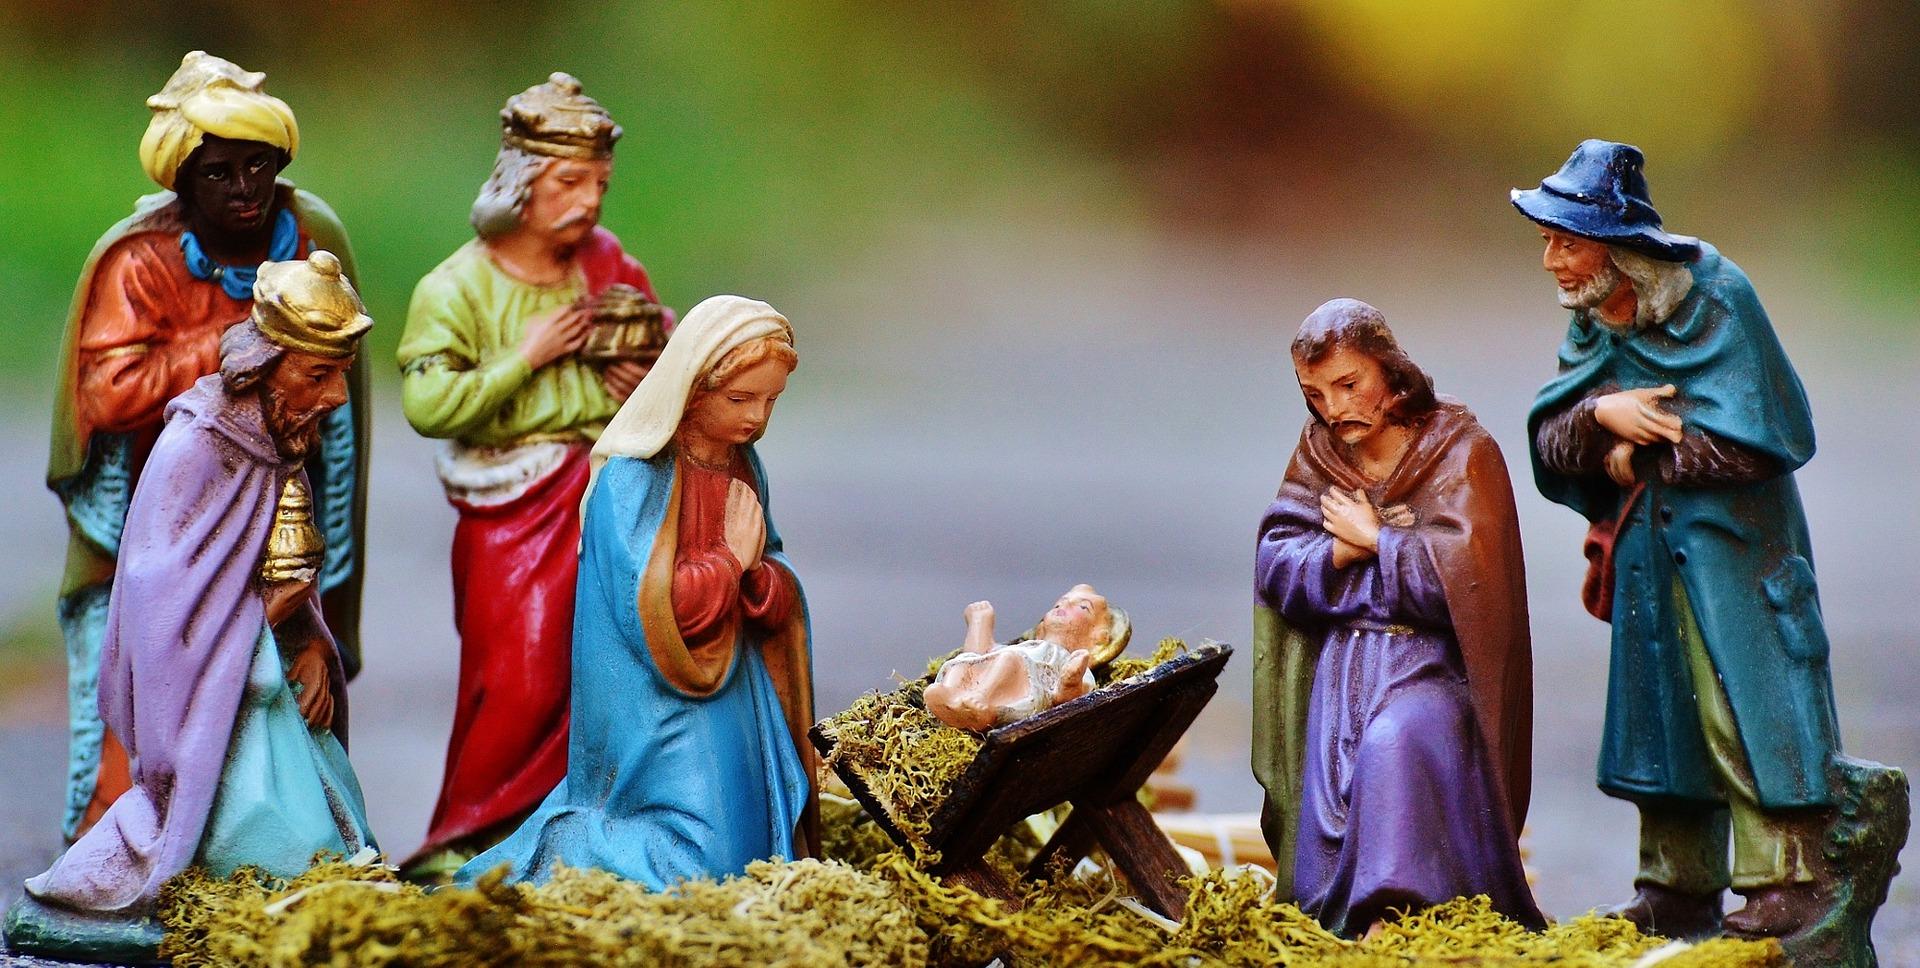 christmas-crib-figures-1060016_1920.jpg